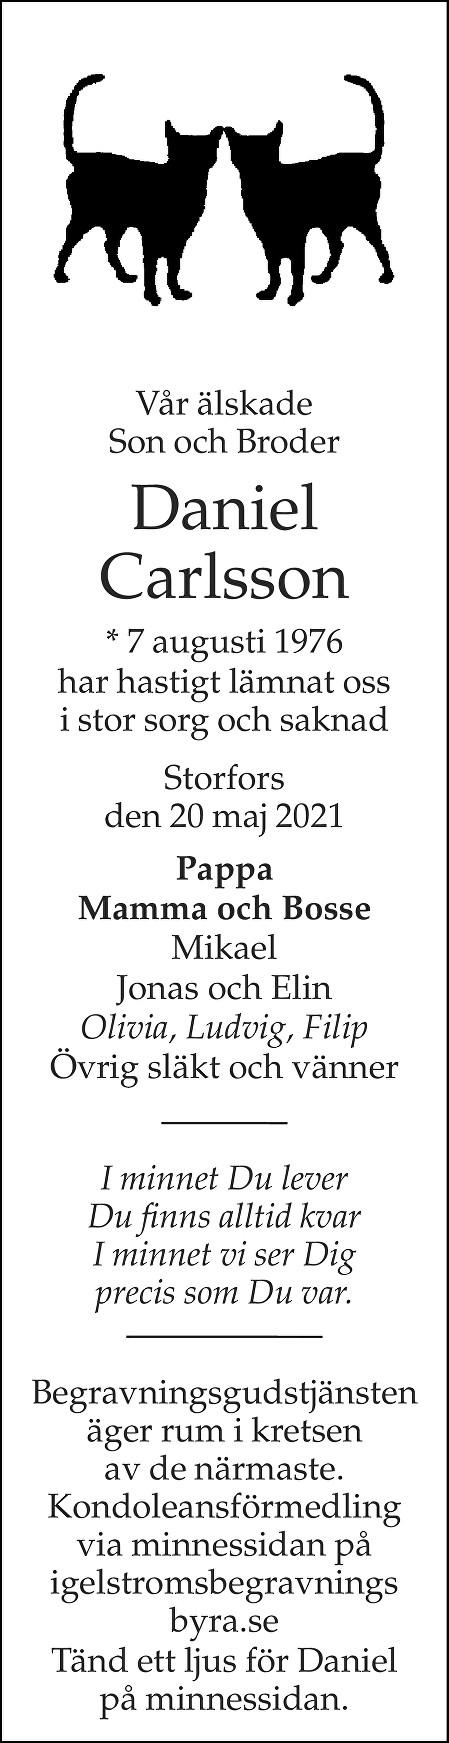 Daniel Carlsson Death notice